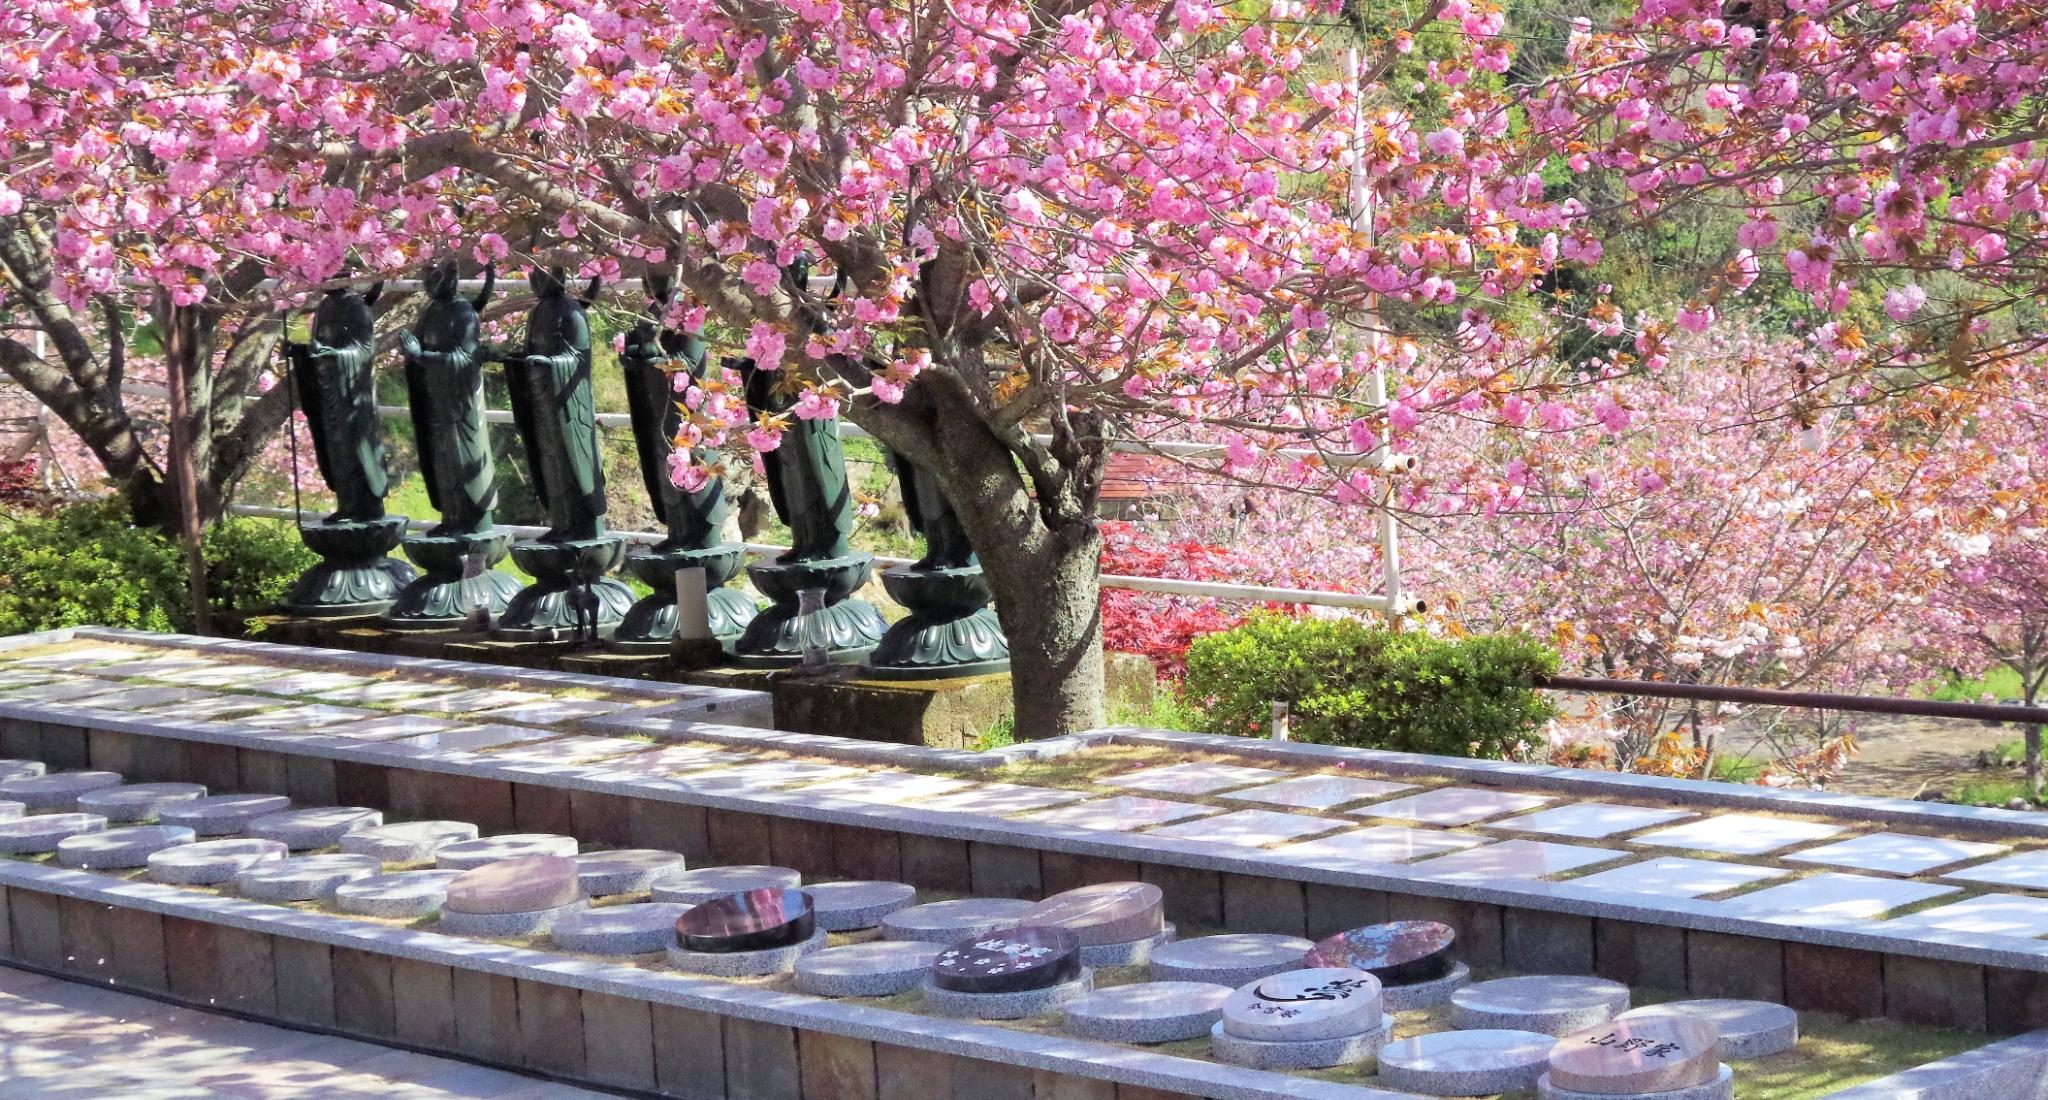 絶景お寺で、美しい八重桜に見守られて眠る<br>大分一心寺の樹木葬「夢さくら」<br>4名様まで収容可能、今なら45万円でご利用いただけます。